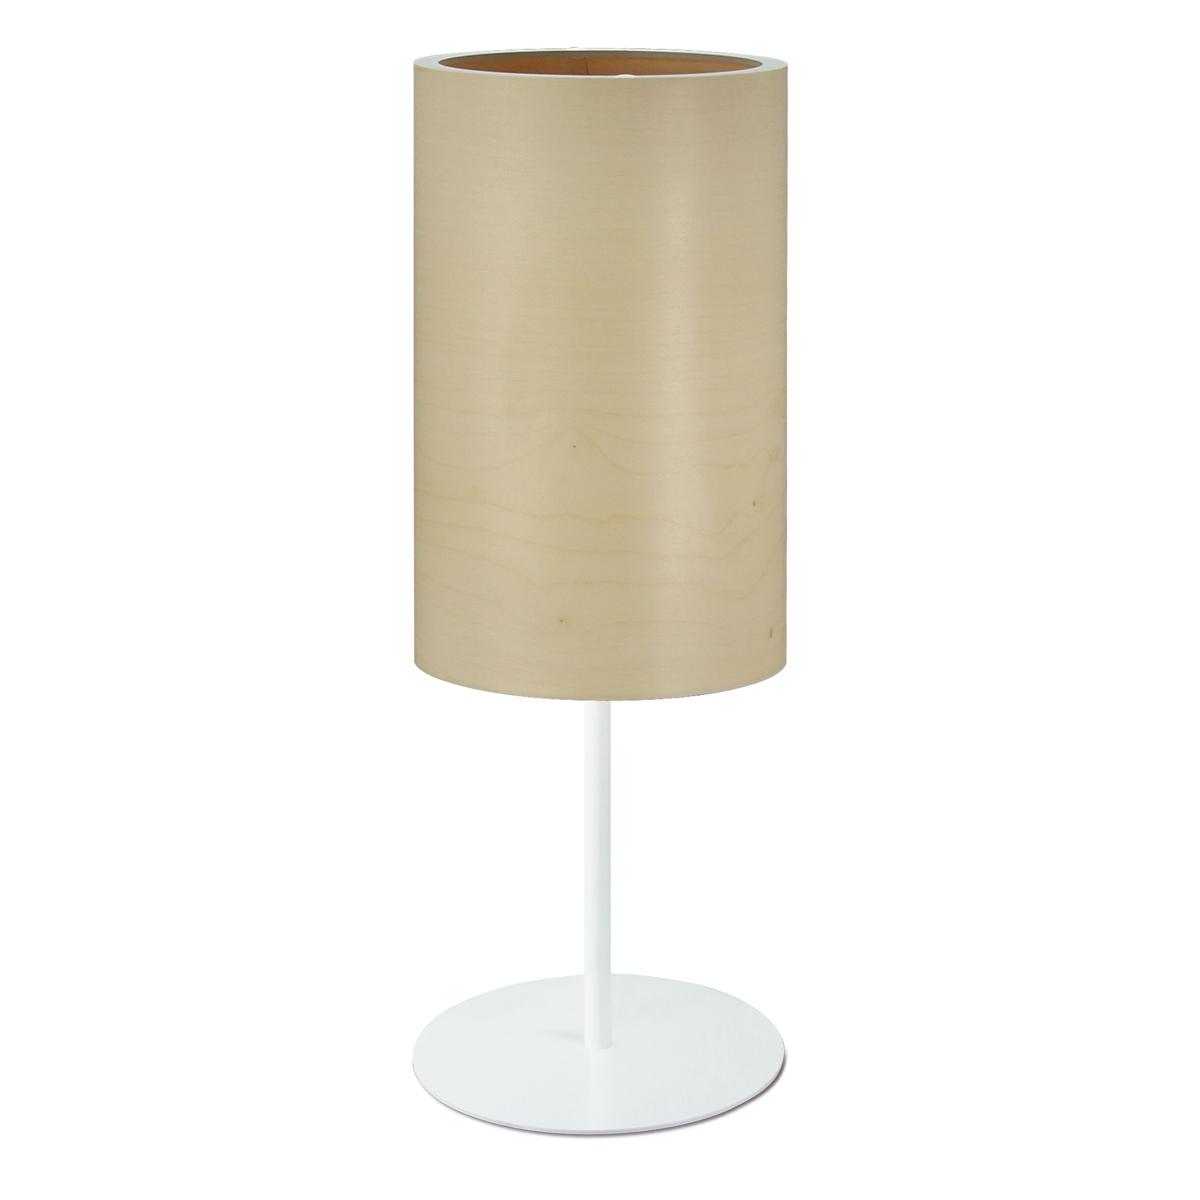 schlichte tischleuchte mit schirm aus holzfurnier. Black Bedroom Furniture Sets. Home Design Ideas